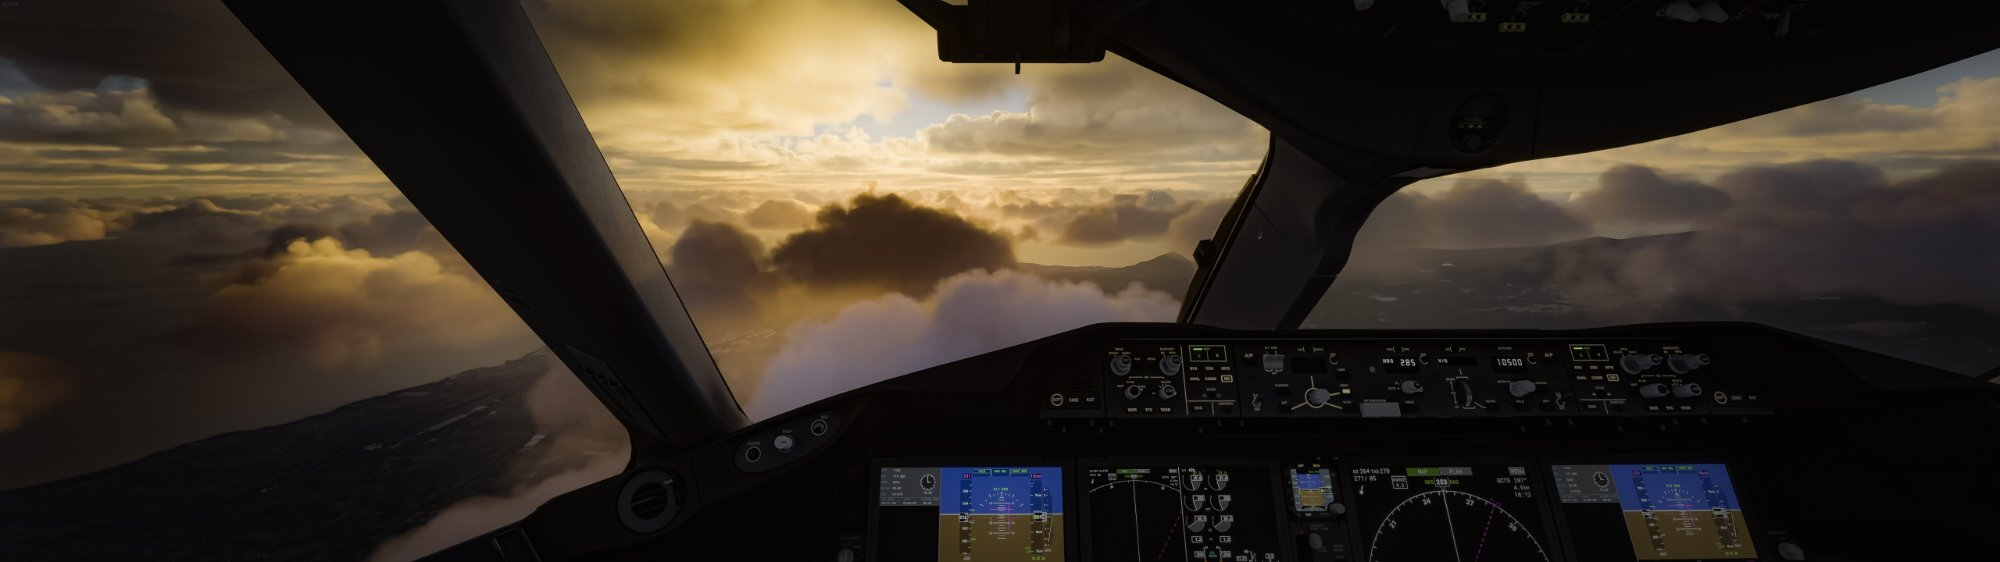 Microsoft Flight Simulator Screenshot 2021.09.09 - 19.49.14.42 Thumbnail.jpg